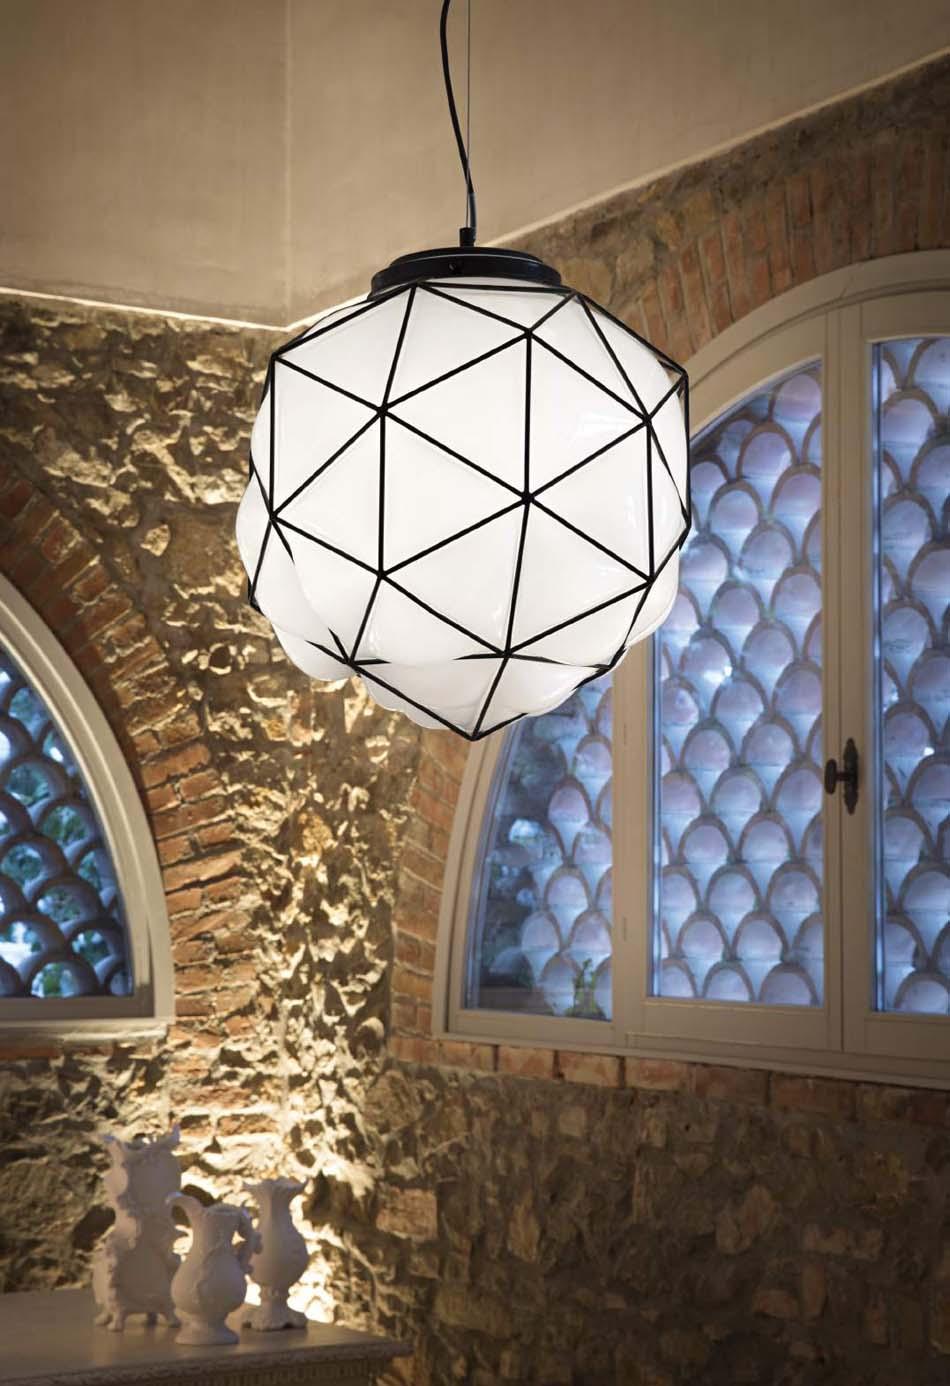 Lampade sospese Ideal Lux maglie – Toscana Arredamenti